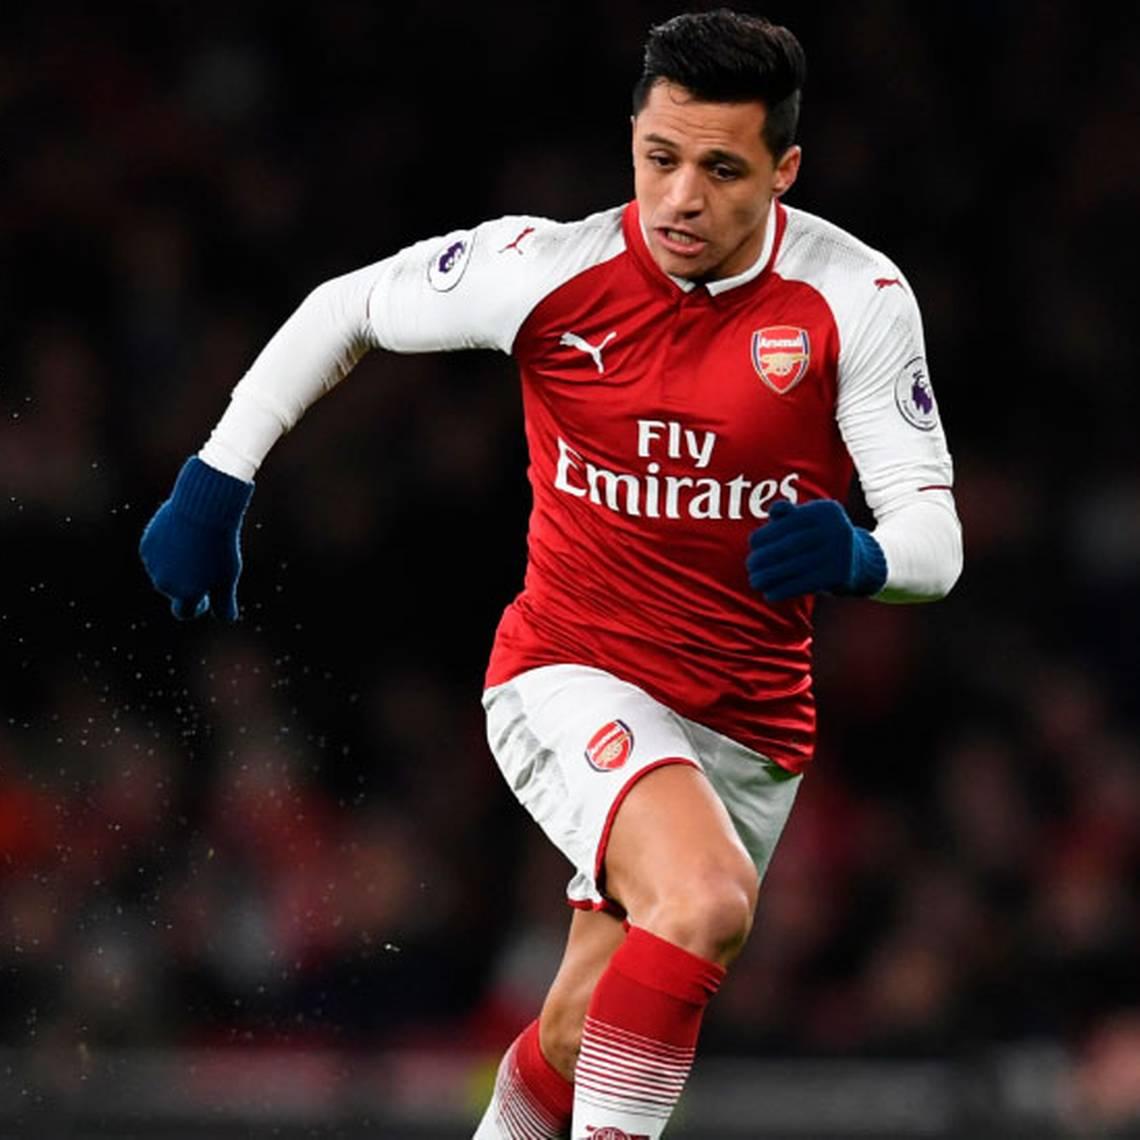 Alexis fue visto posando con la camiseta del Manchester United